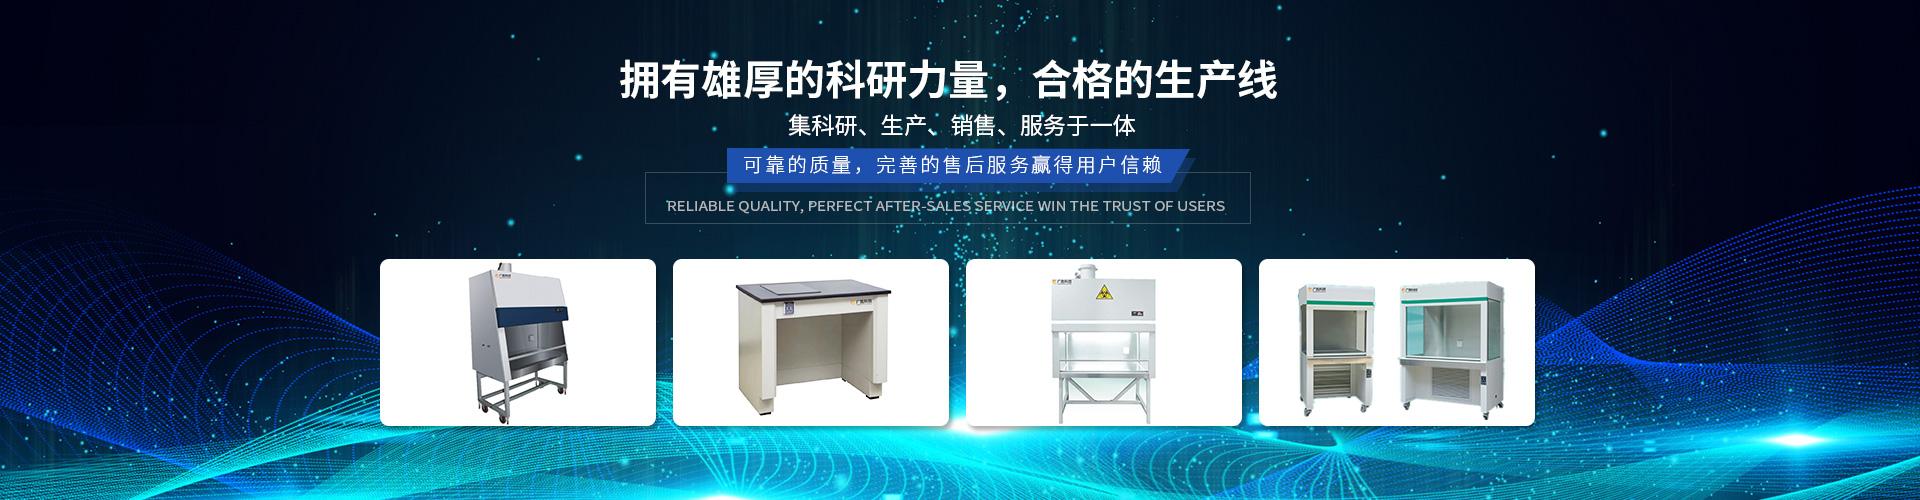 广胜科技无锡有限公司